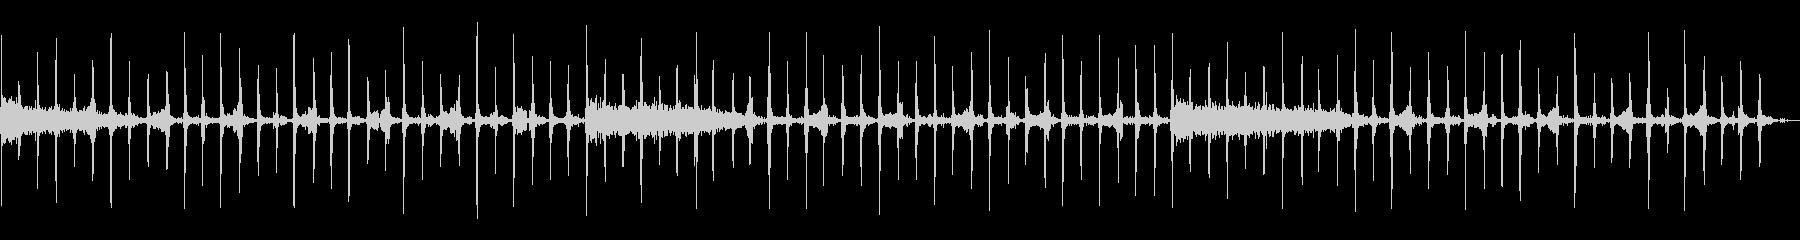 ラテンクロックワークパーカッション...の未再生の波形